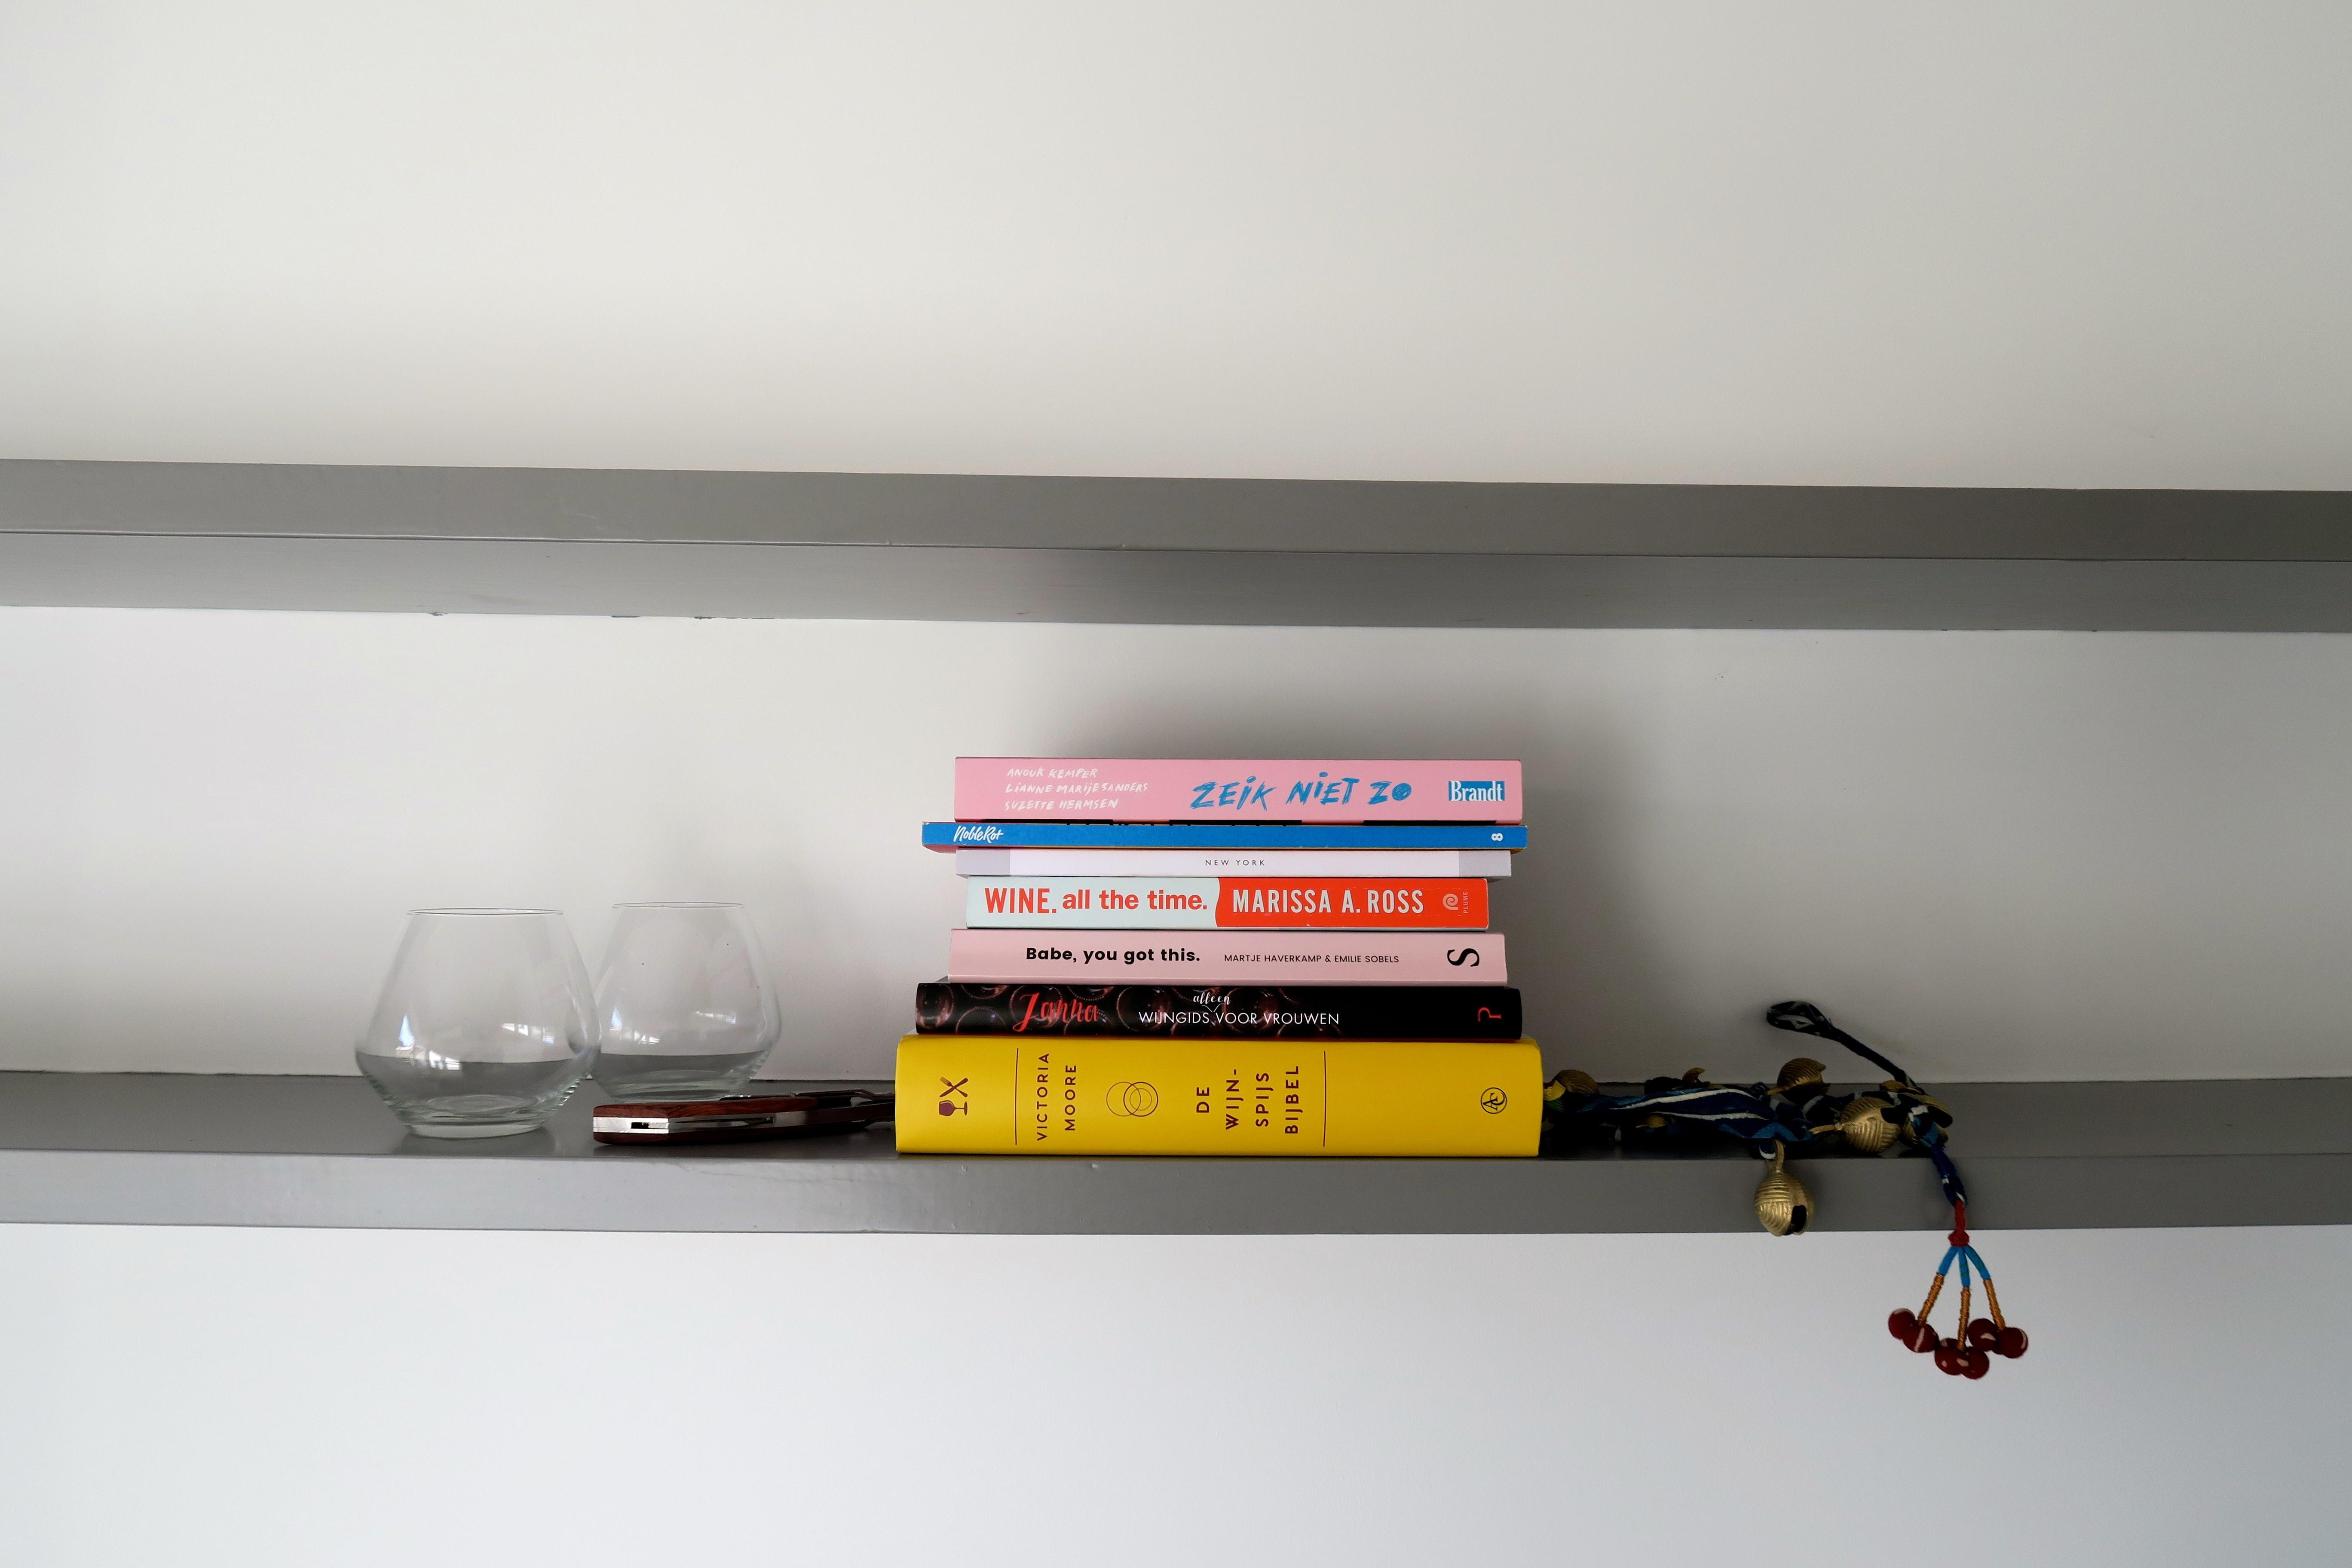 Deze drie wijnboeken zijn geschreven door vrouwen met humor. In deze drie boeken vind je alle wijn kennis die je nodig hebt om altijd de juiste wijn te pakken